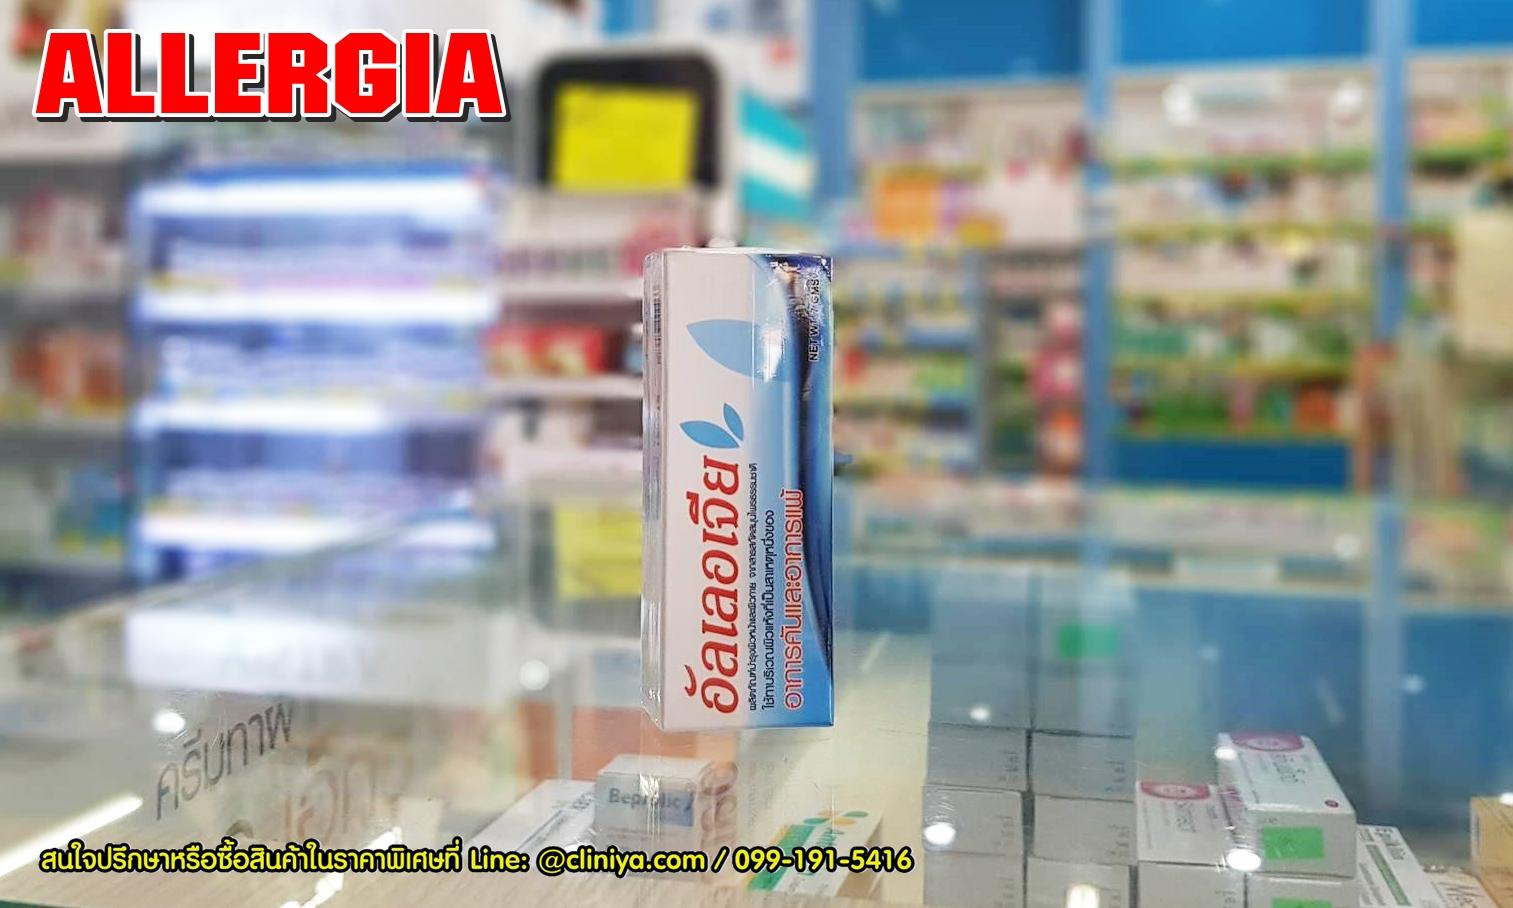 มอยเจอร์ไรเซอร์ Allergia 12g